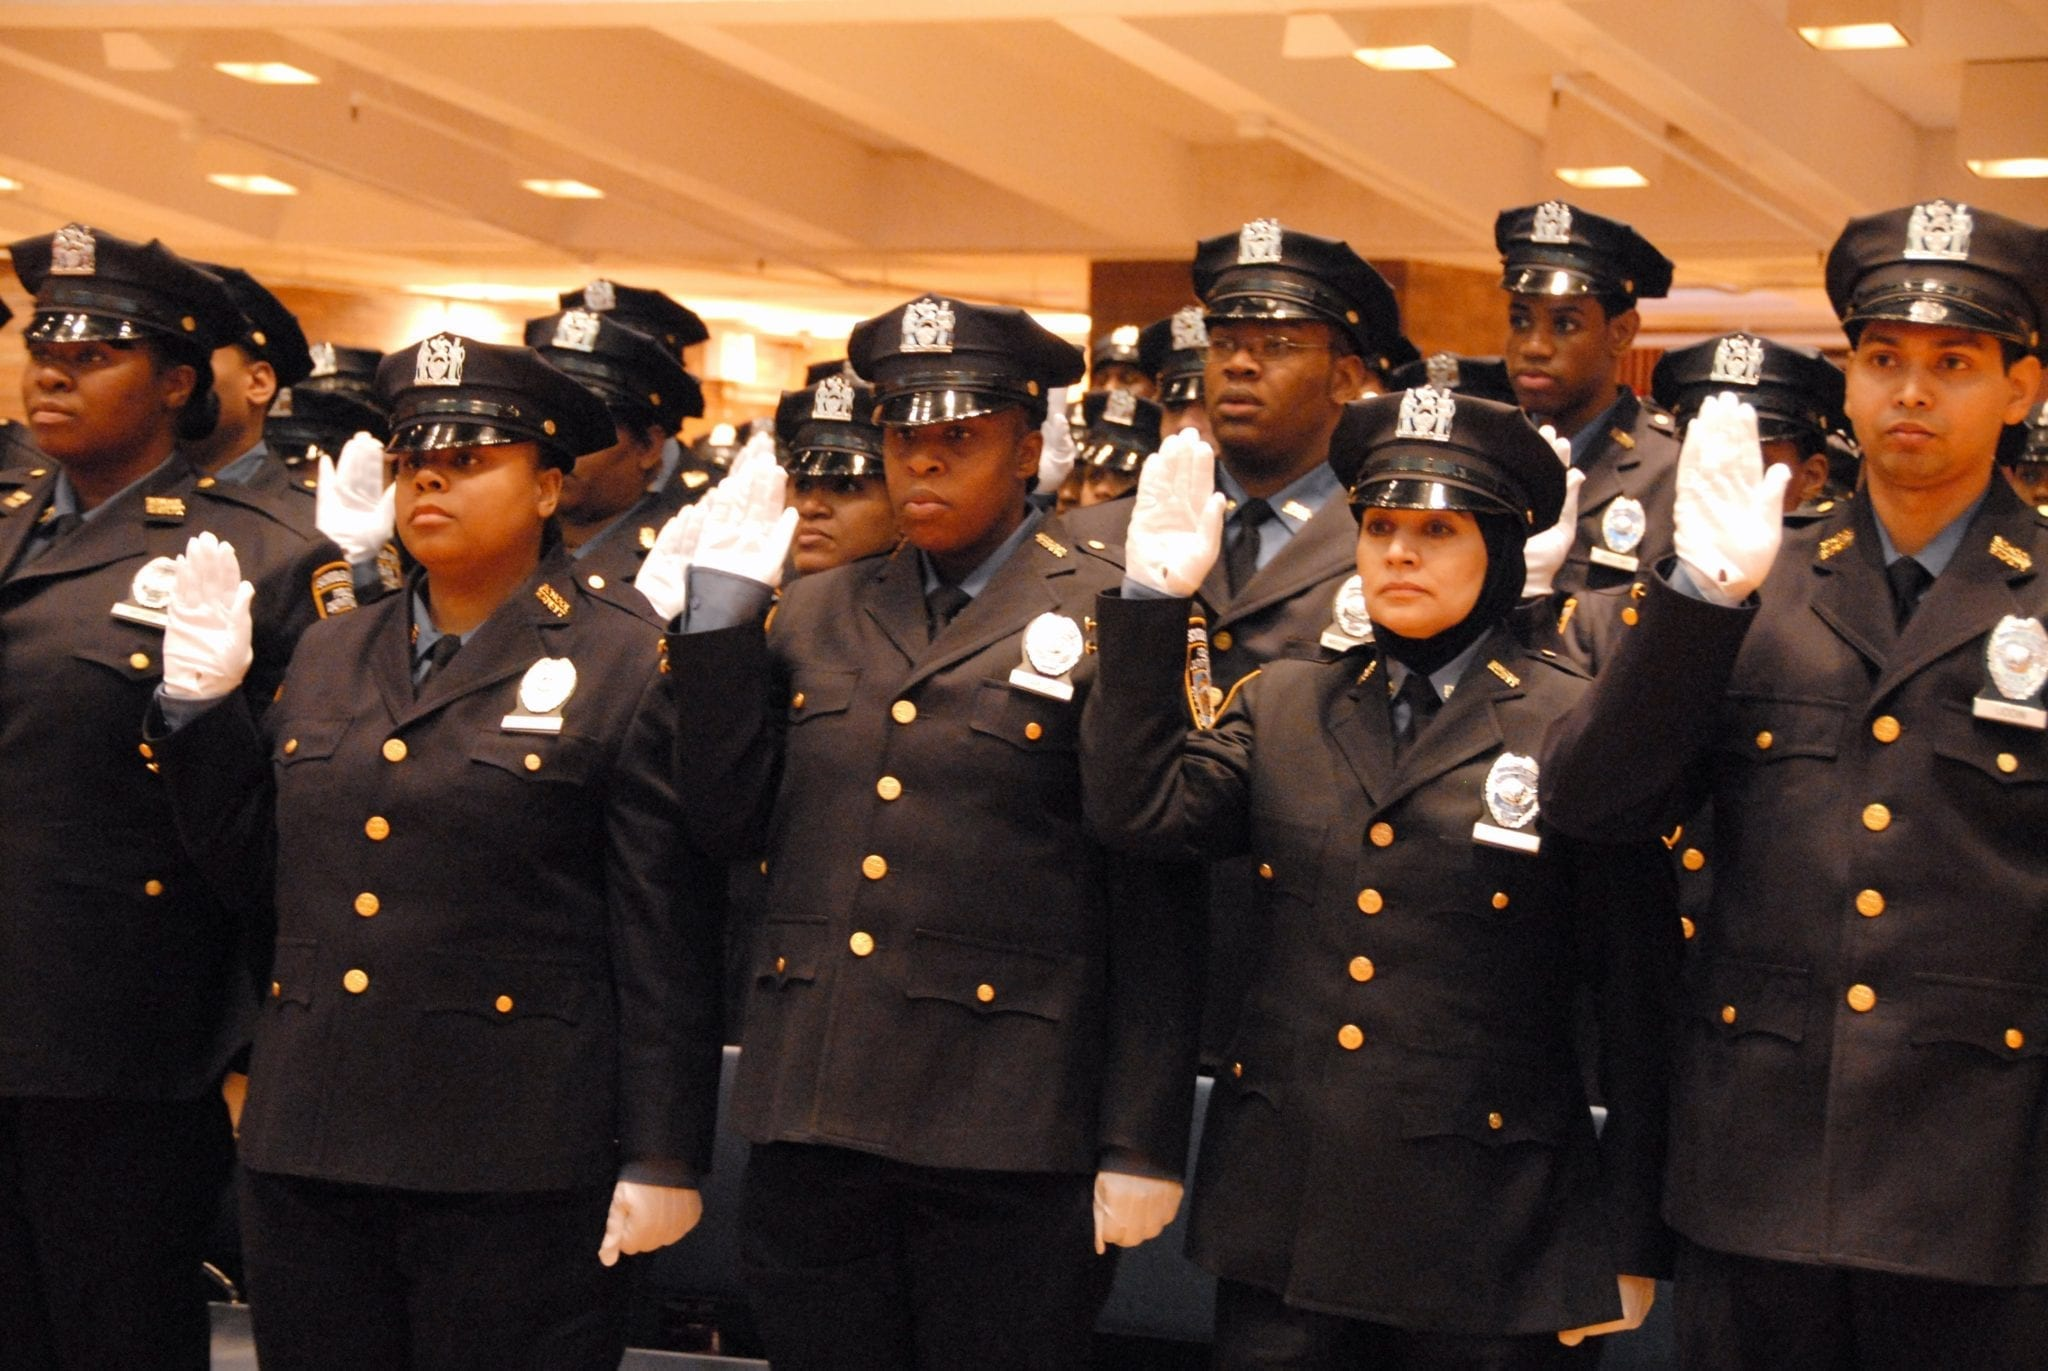 A imprensa brasileira diz que a polícia de Nova Iorque é racista